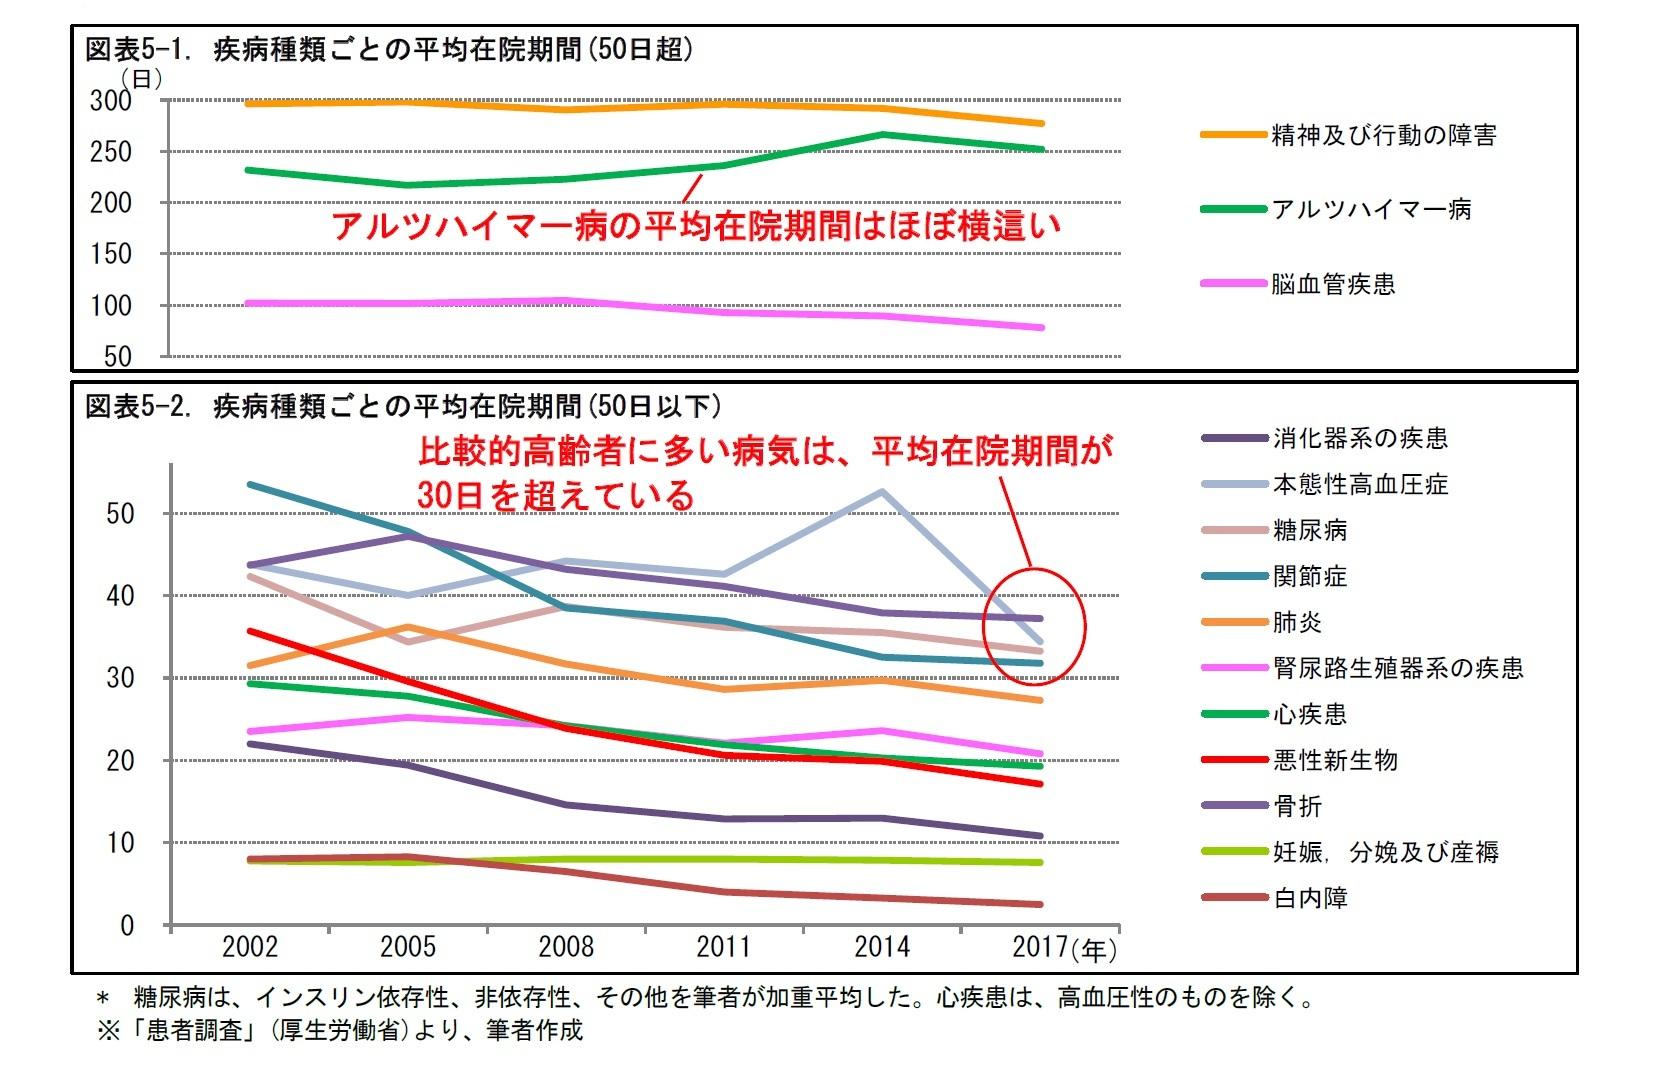 図表5-1. 疾病種類ごとの平均在院期間(50日超)/図表5-2. 疾病種類ごとの平均在院期間(50日以下)